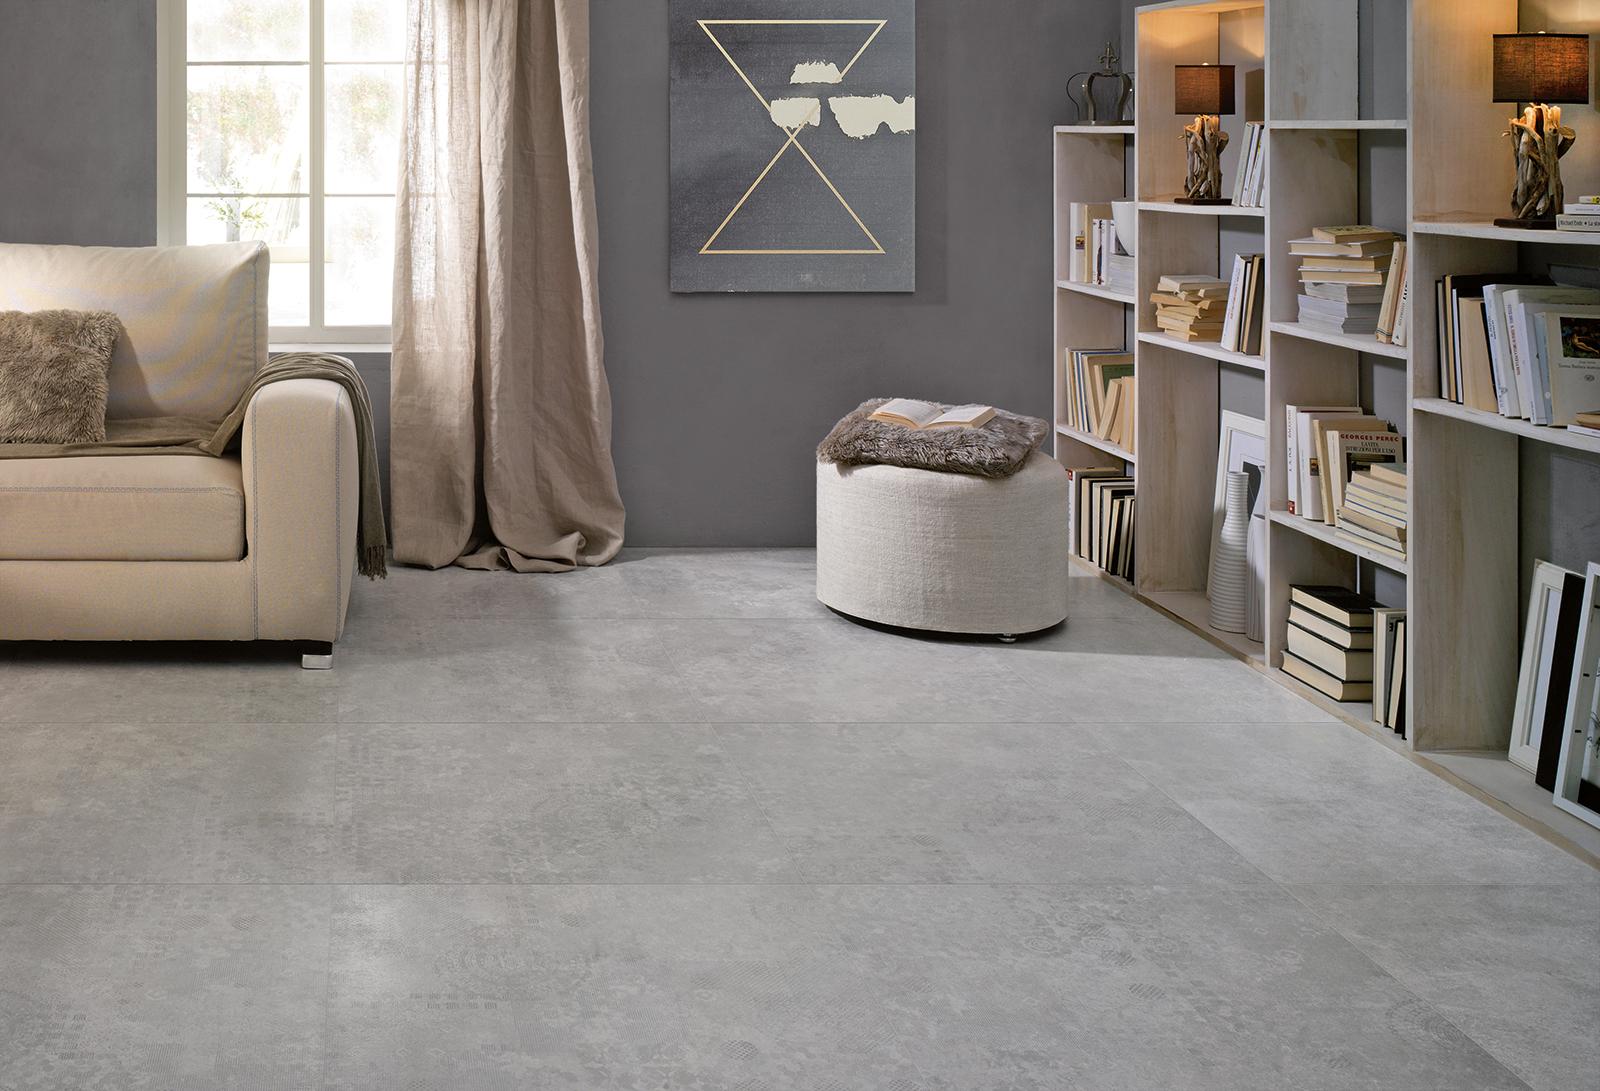 detroit l 39 effetto cemento ispirato alla sua capitale armonie ceramiche. Black Bedroom Furniture Sets. Home Design Ideas